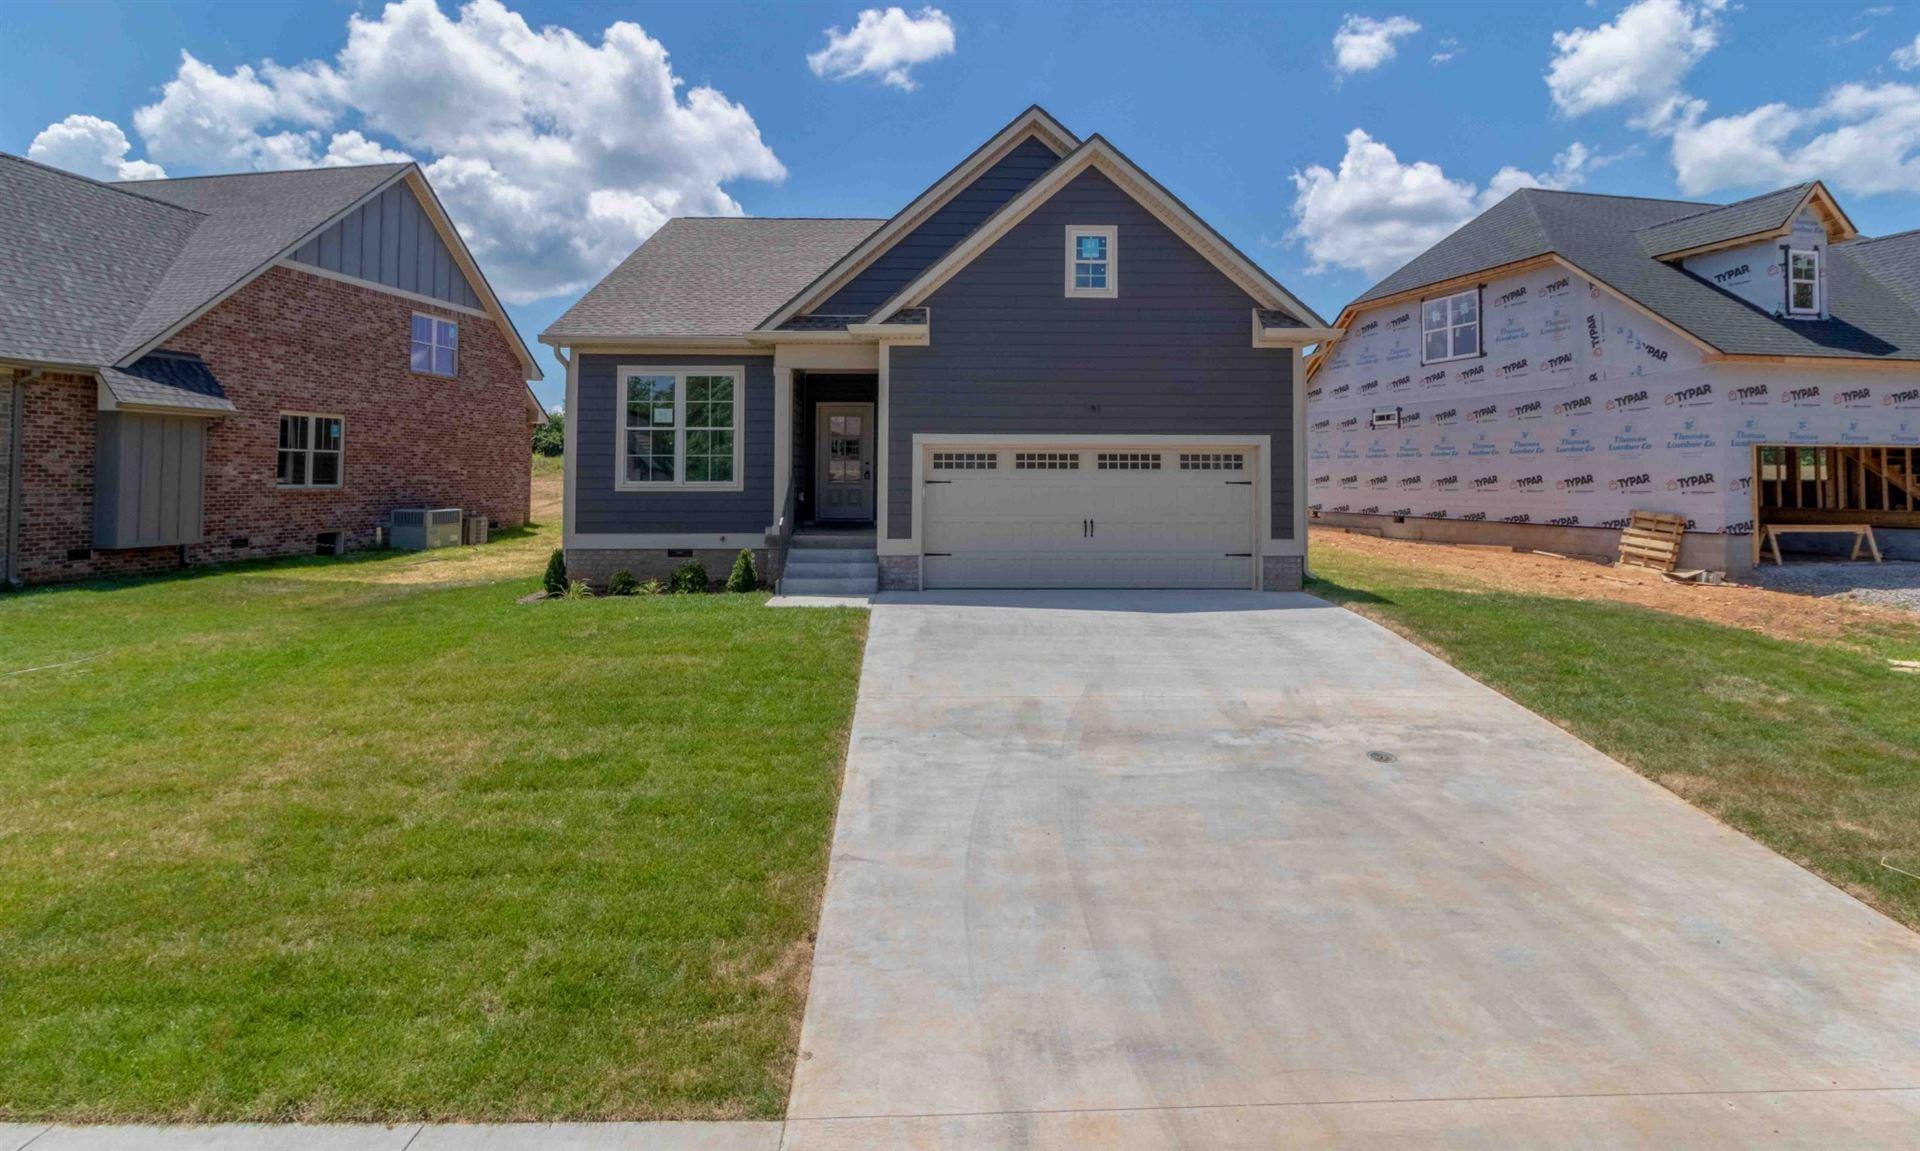 136 Cottage Ln, Clarksville, TN 37043 - MLS#: 2260461